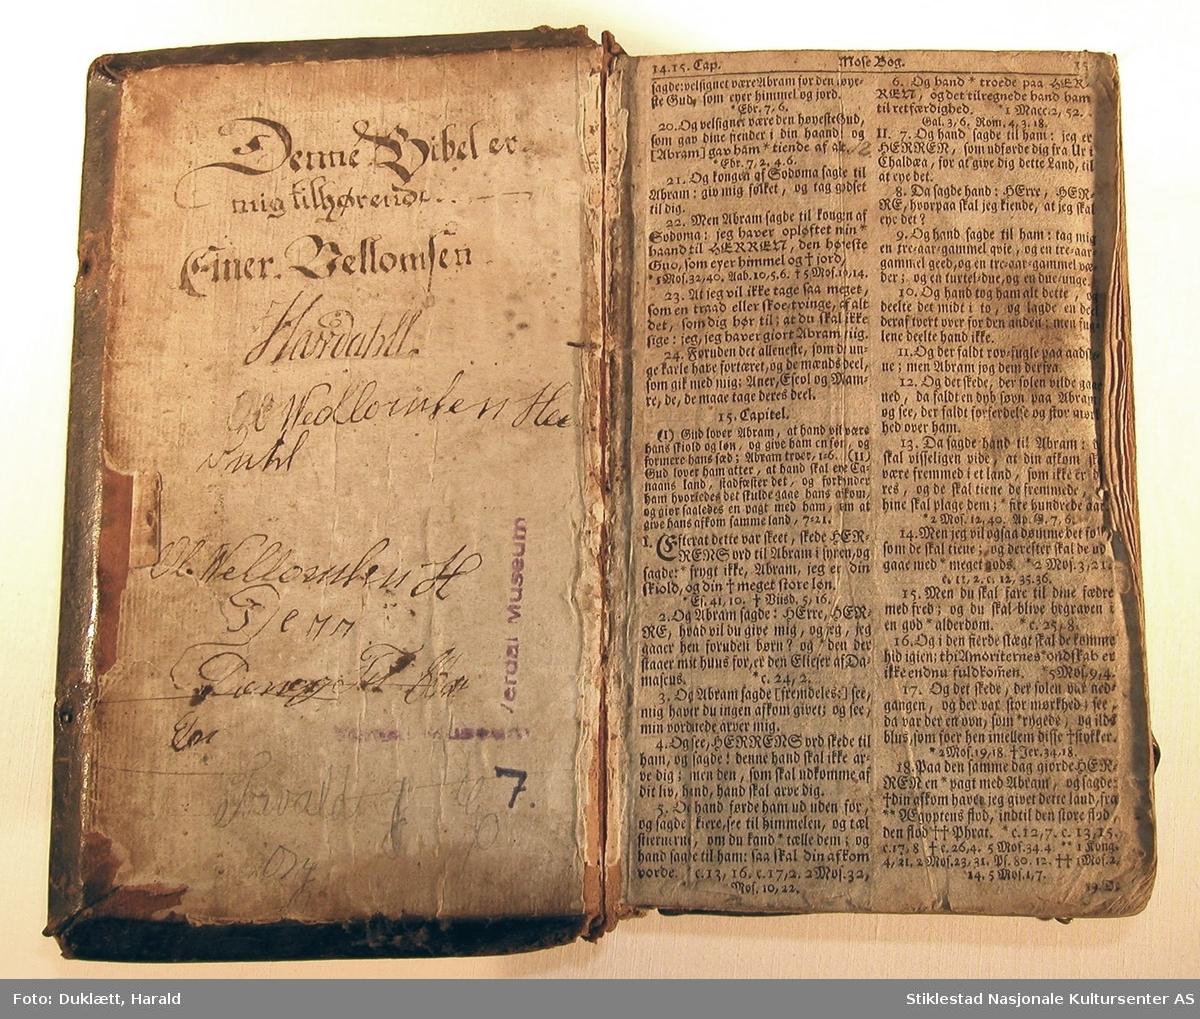 gammel bibel.jpg